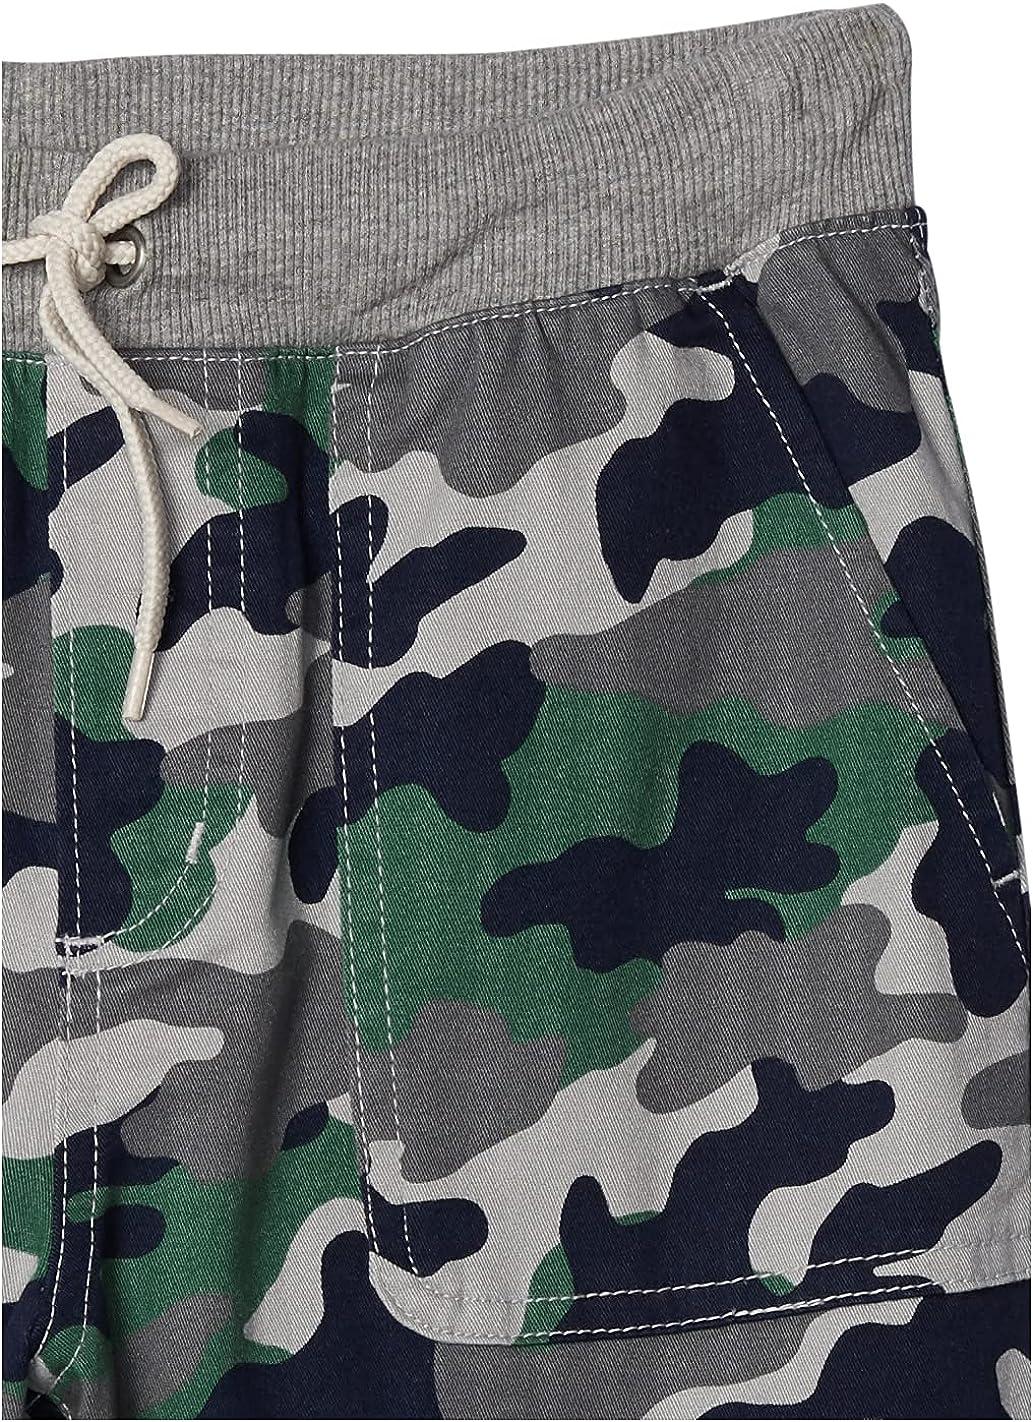 Amazon Brand - Spotted Zebra Boys' Pull-On Shorts